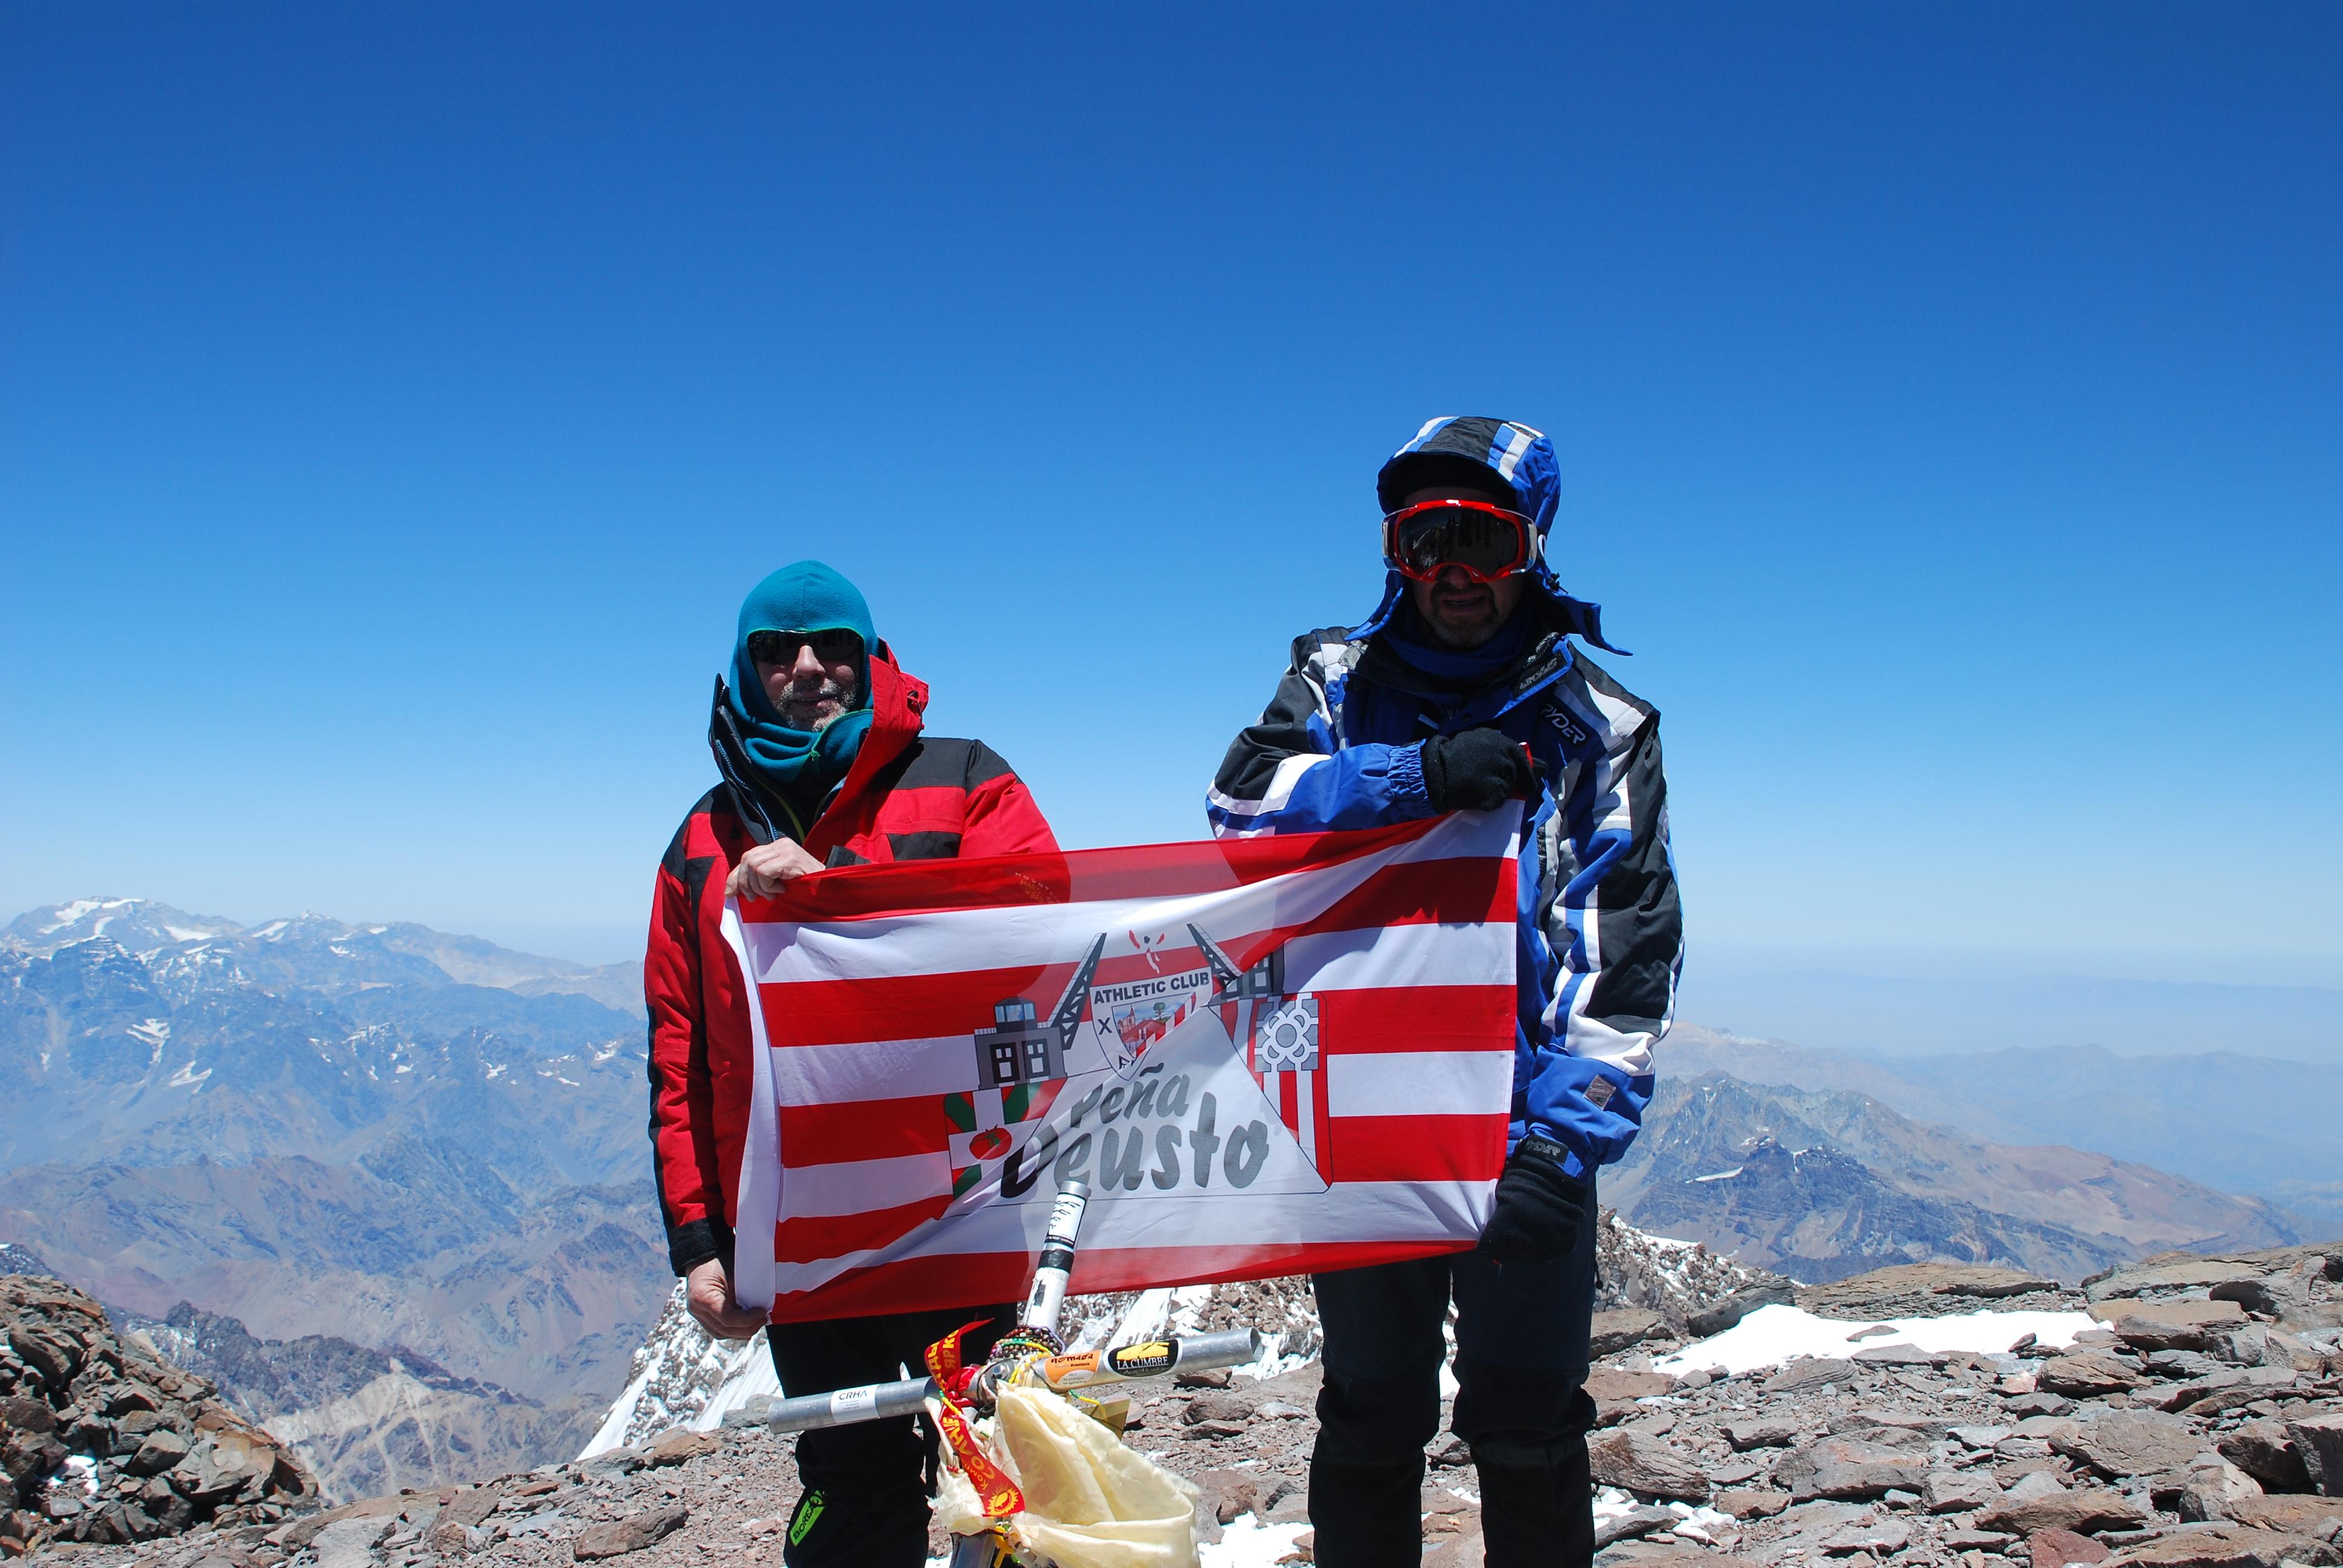 El gran Juanito Oiarzábal y Mauricio López de Aberasturi con la bandera la peña Deusto en la cima mayor de América: Aconcagua (6.962 m).